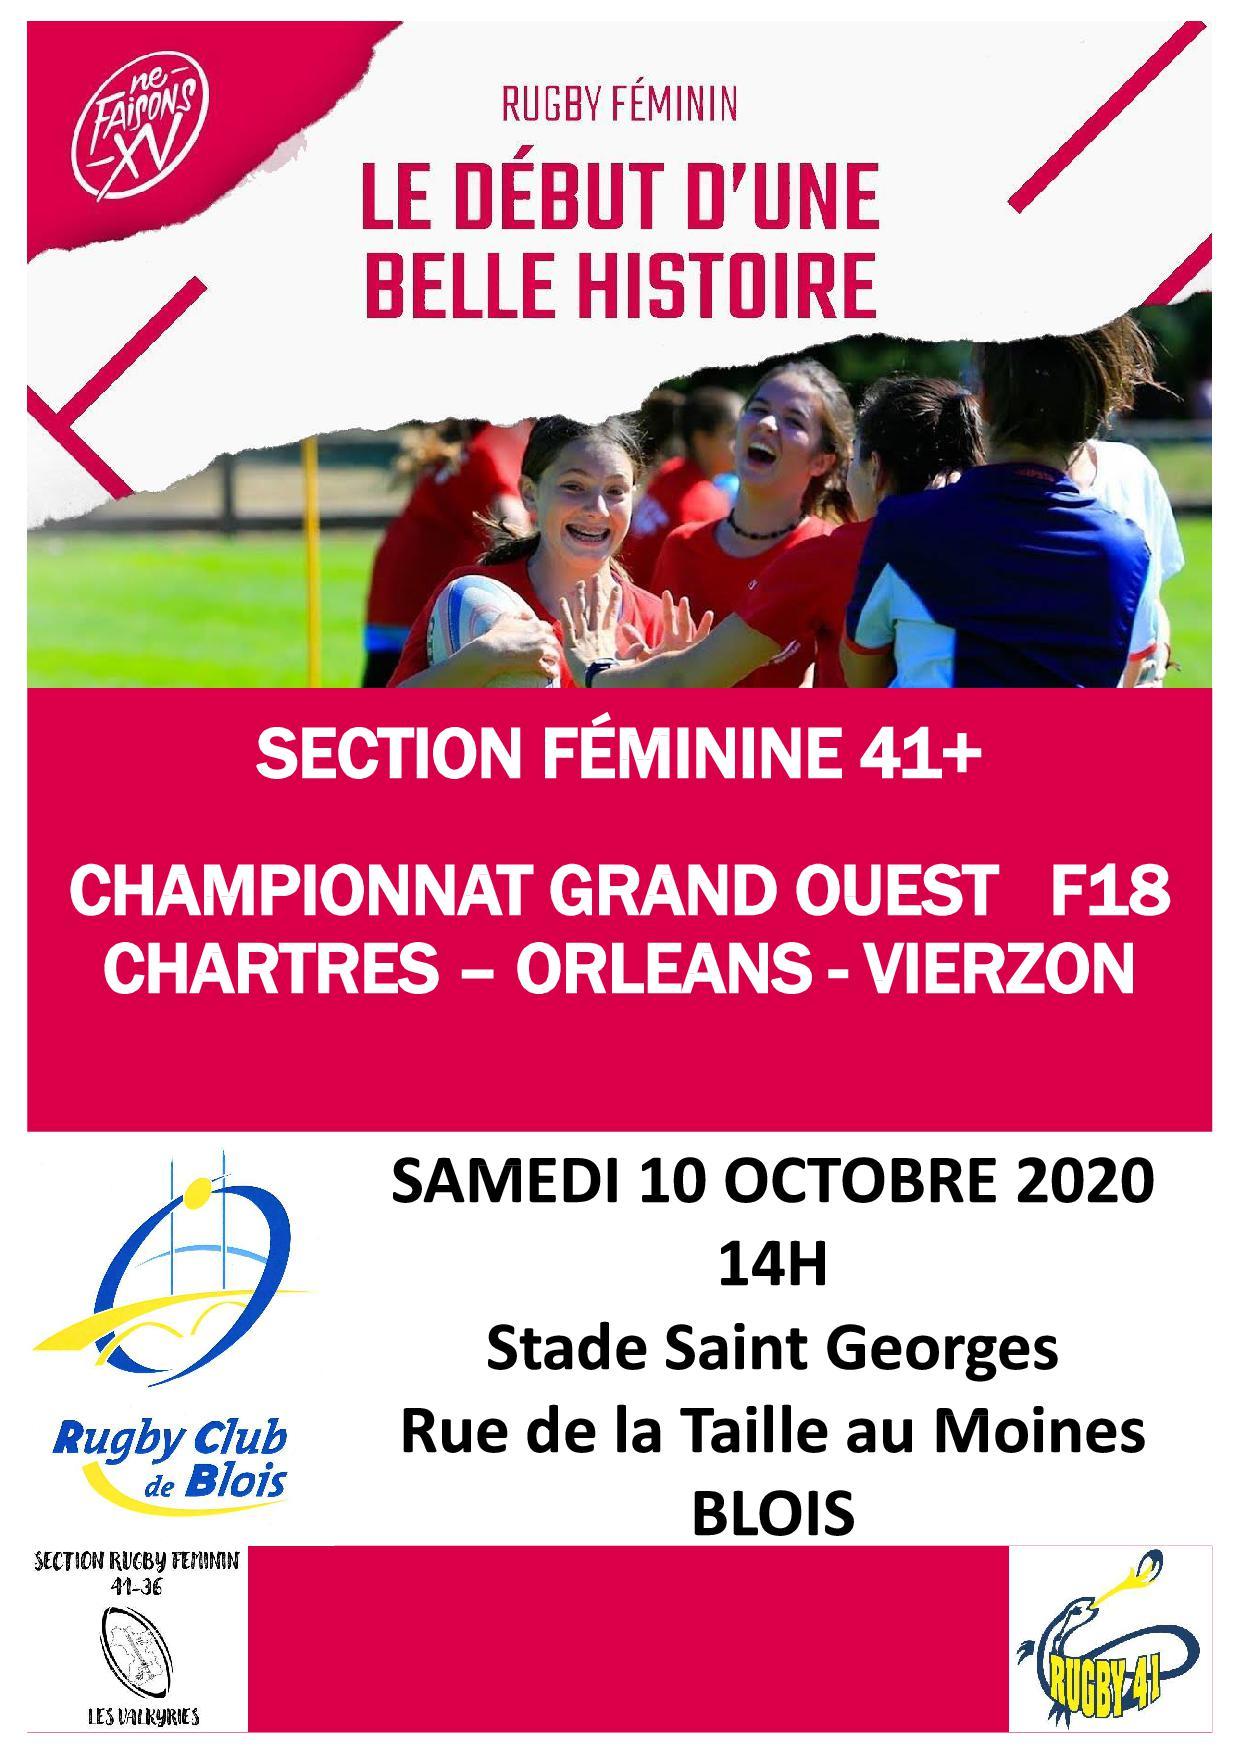 NR : La renaissance du rugby féminin